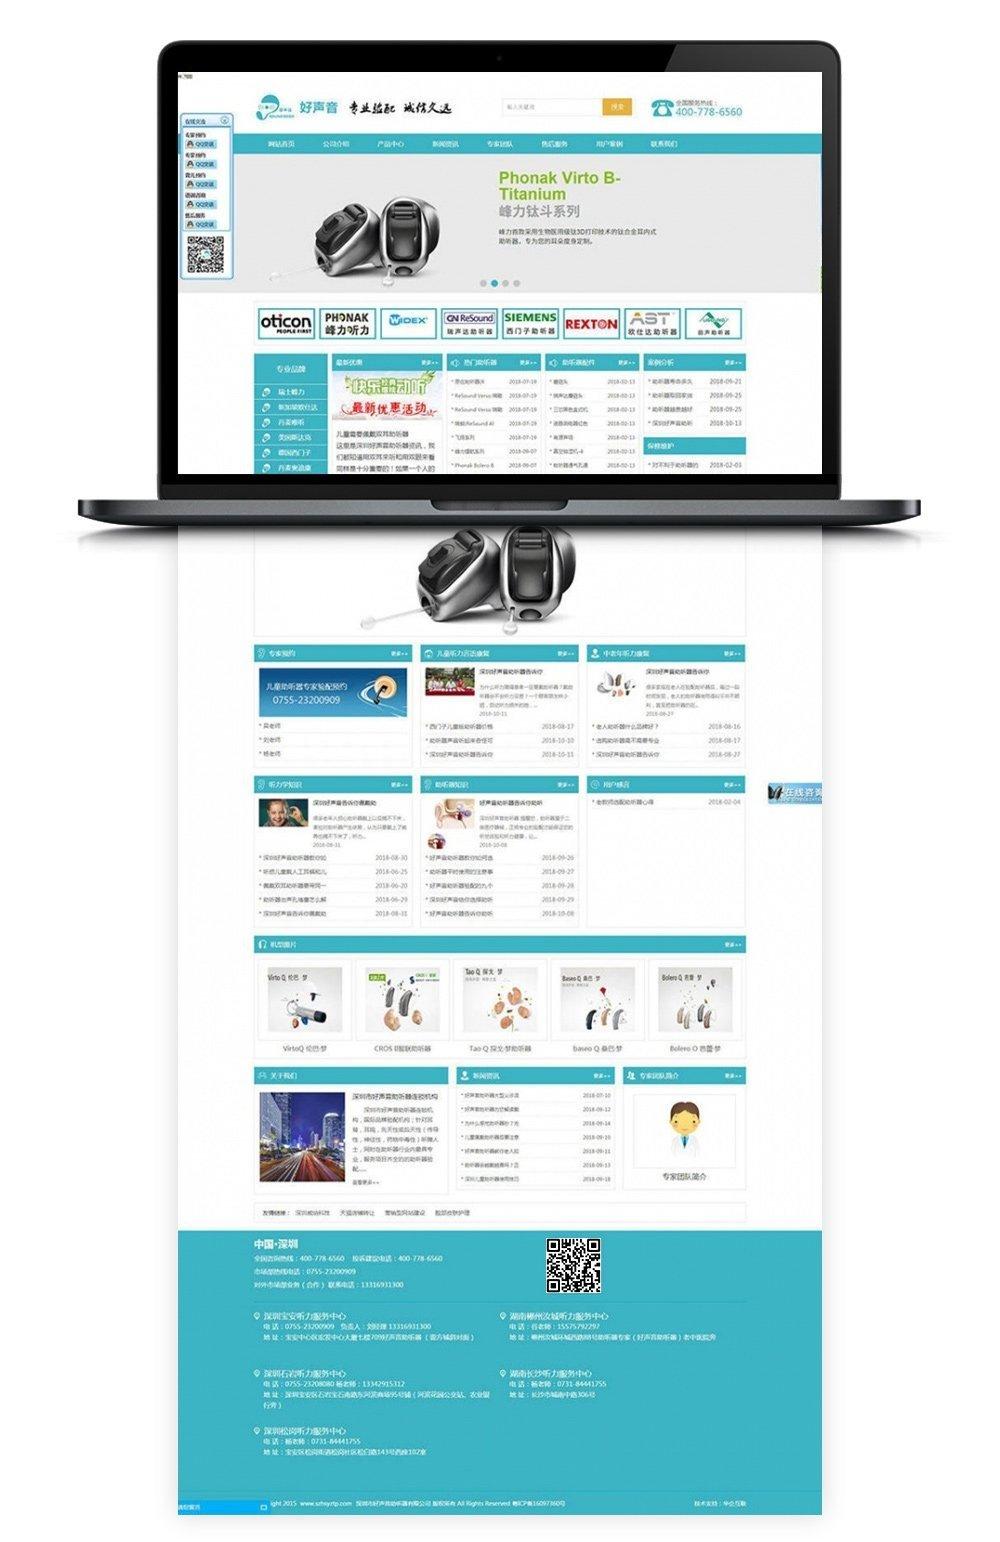 【织梦设备企业模板】蓝色风格助听器公司DEDECMS网站源码